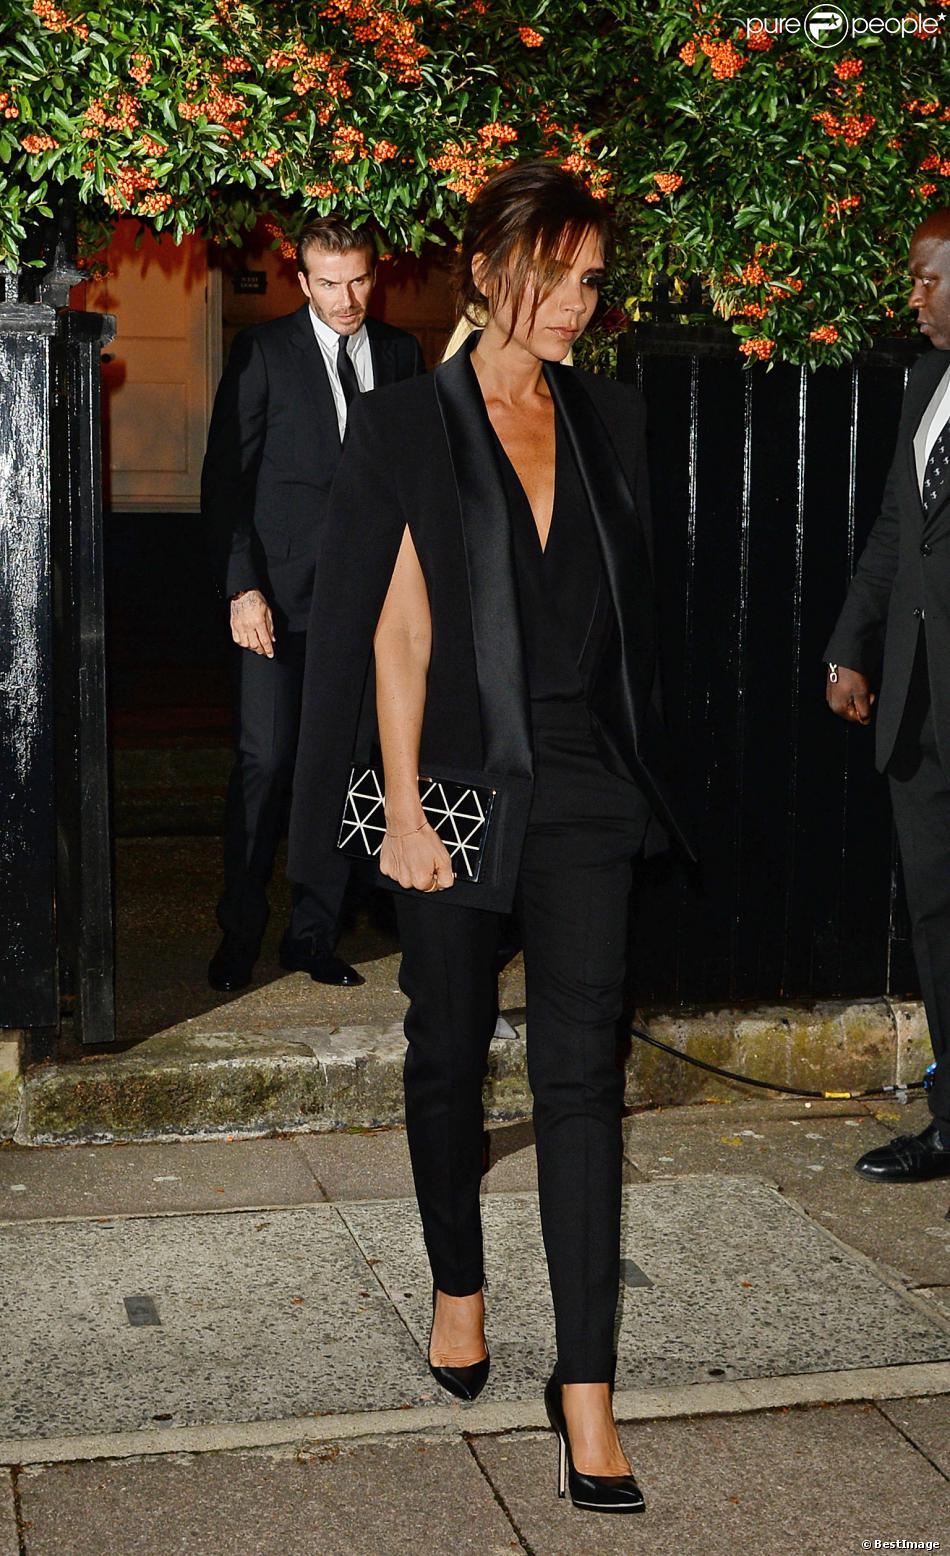 Victoria Beckham, entièrement habillée en Victoria Beckham avec un ensemble de la collection automne-hiver 2013, une pochette de la collection printemps-été 2014, quitte avec son mari David, l'Apsley House après la soirée du Global Fund and British Fashion Council. Aux pieds, la créatrice de mode porte des souliers Manolo Blahnik. Londres, le 16 septembre 2013.